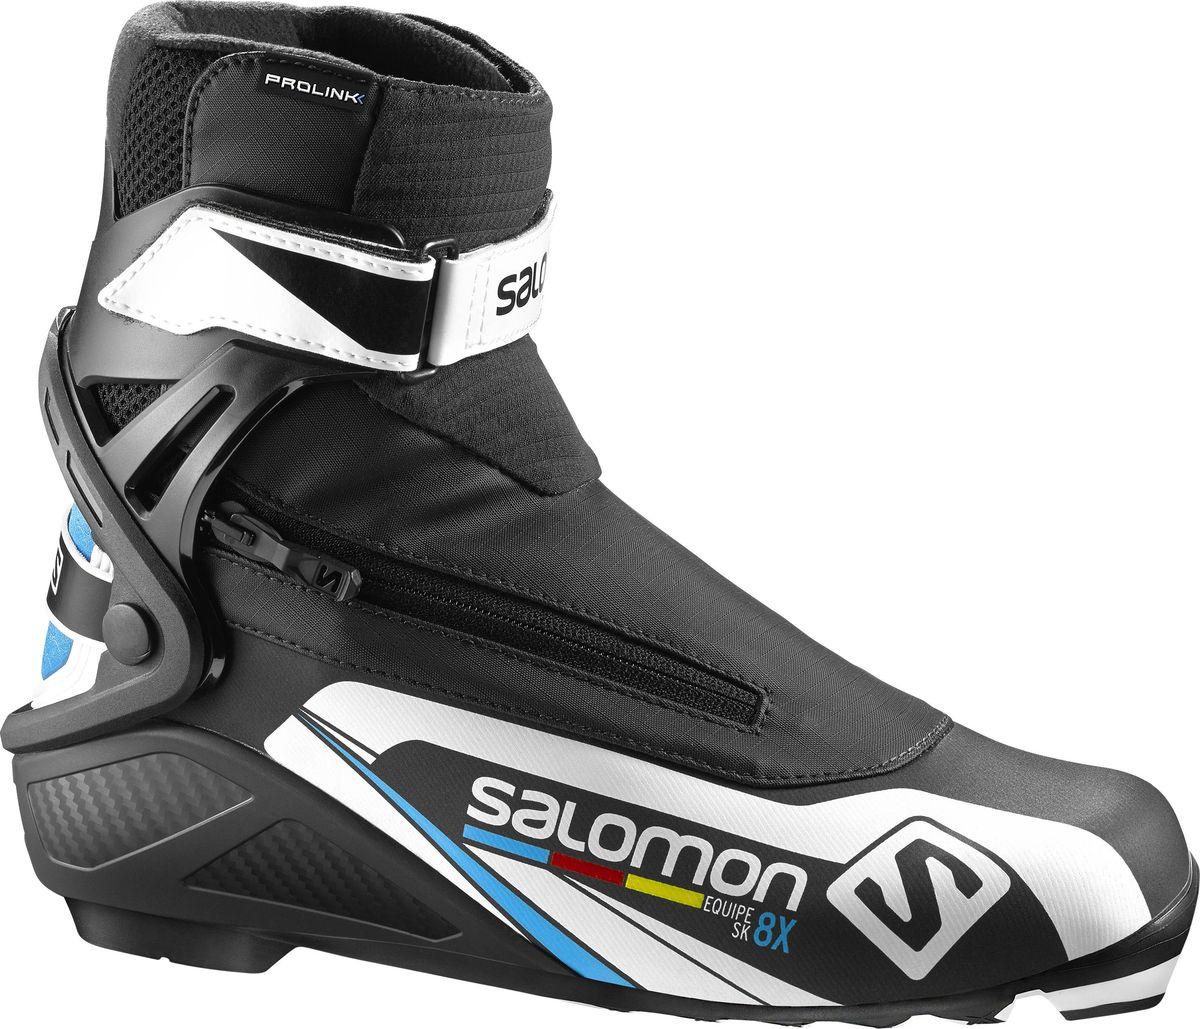 Ботинки для беговых лыж Salomon Equipe 8X Skate Prolink, цвет: черный. Размер 8 (40,5)L39417500В ботинках Equipe 8X Skate совмещены системы термоформовки Custom fit с инновационной раздельной системой быстрого шнурования для великолепного комфорта. Манжета Energyzer cuff обеспечит мощную и прогрессивную боковую поддержку. Для любителей лыжного спорта, ценящих рабочие характеристики и желающих приобрести ботинки по доступной цене.